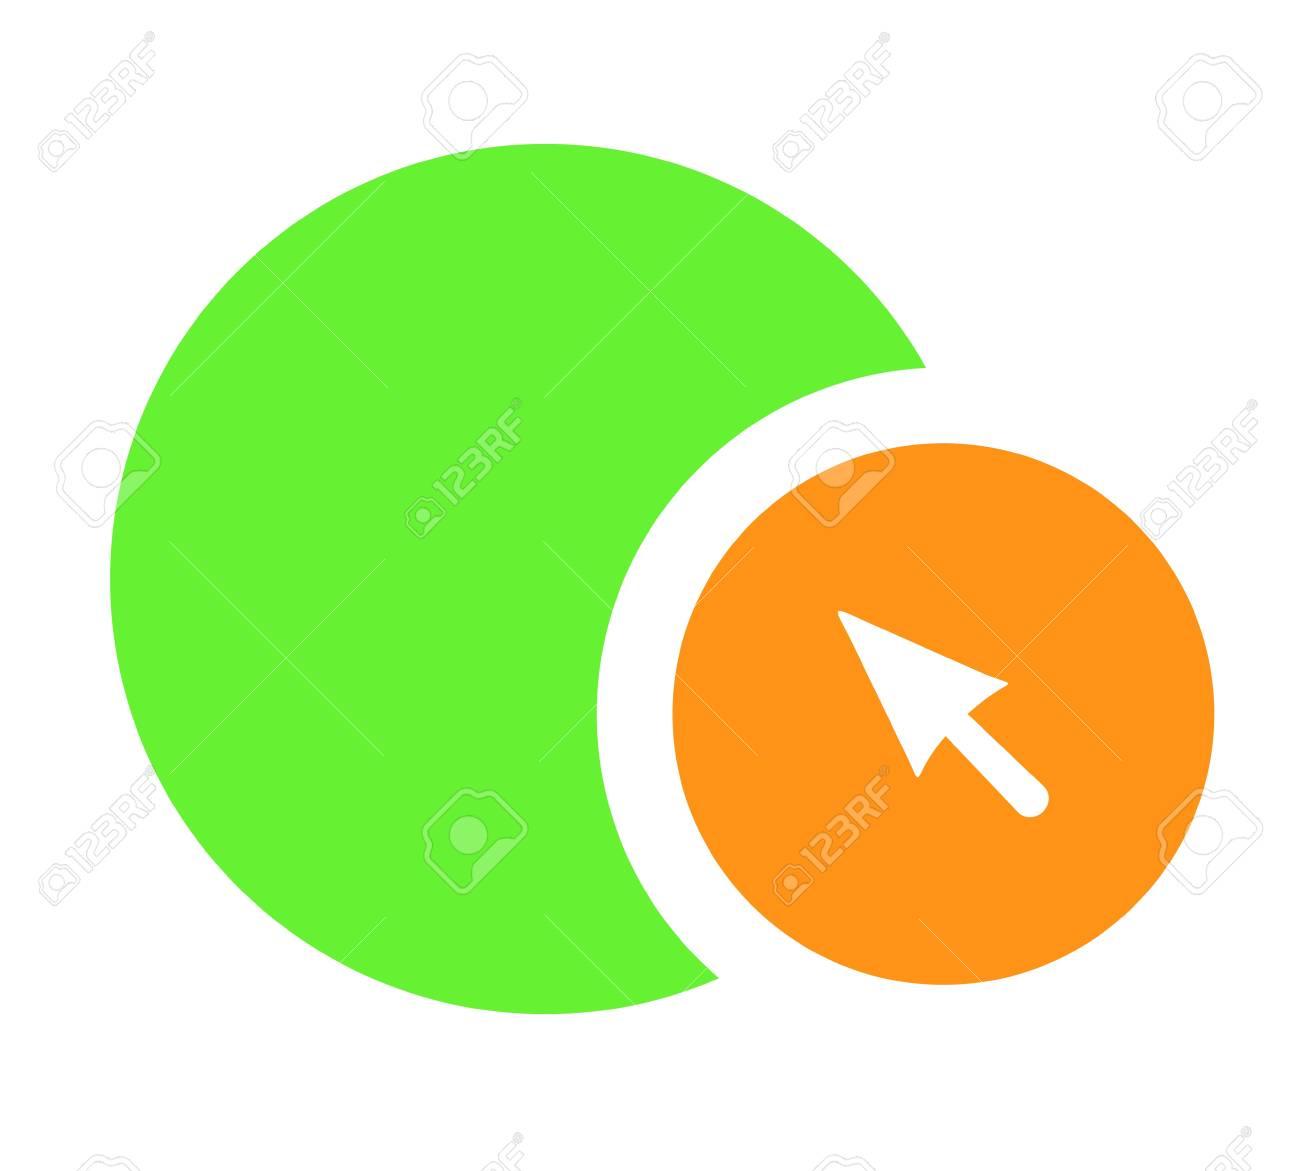 Arrow symbol Stock Vector - 16718220